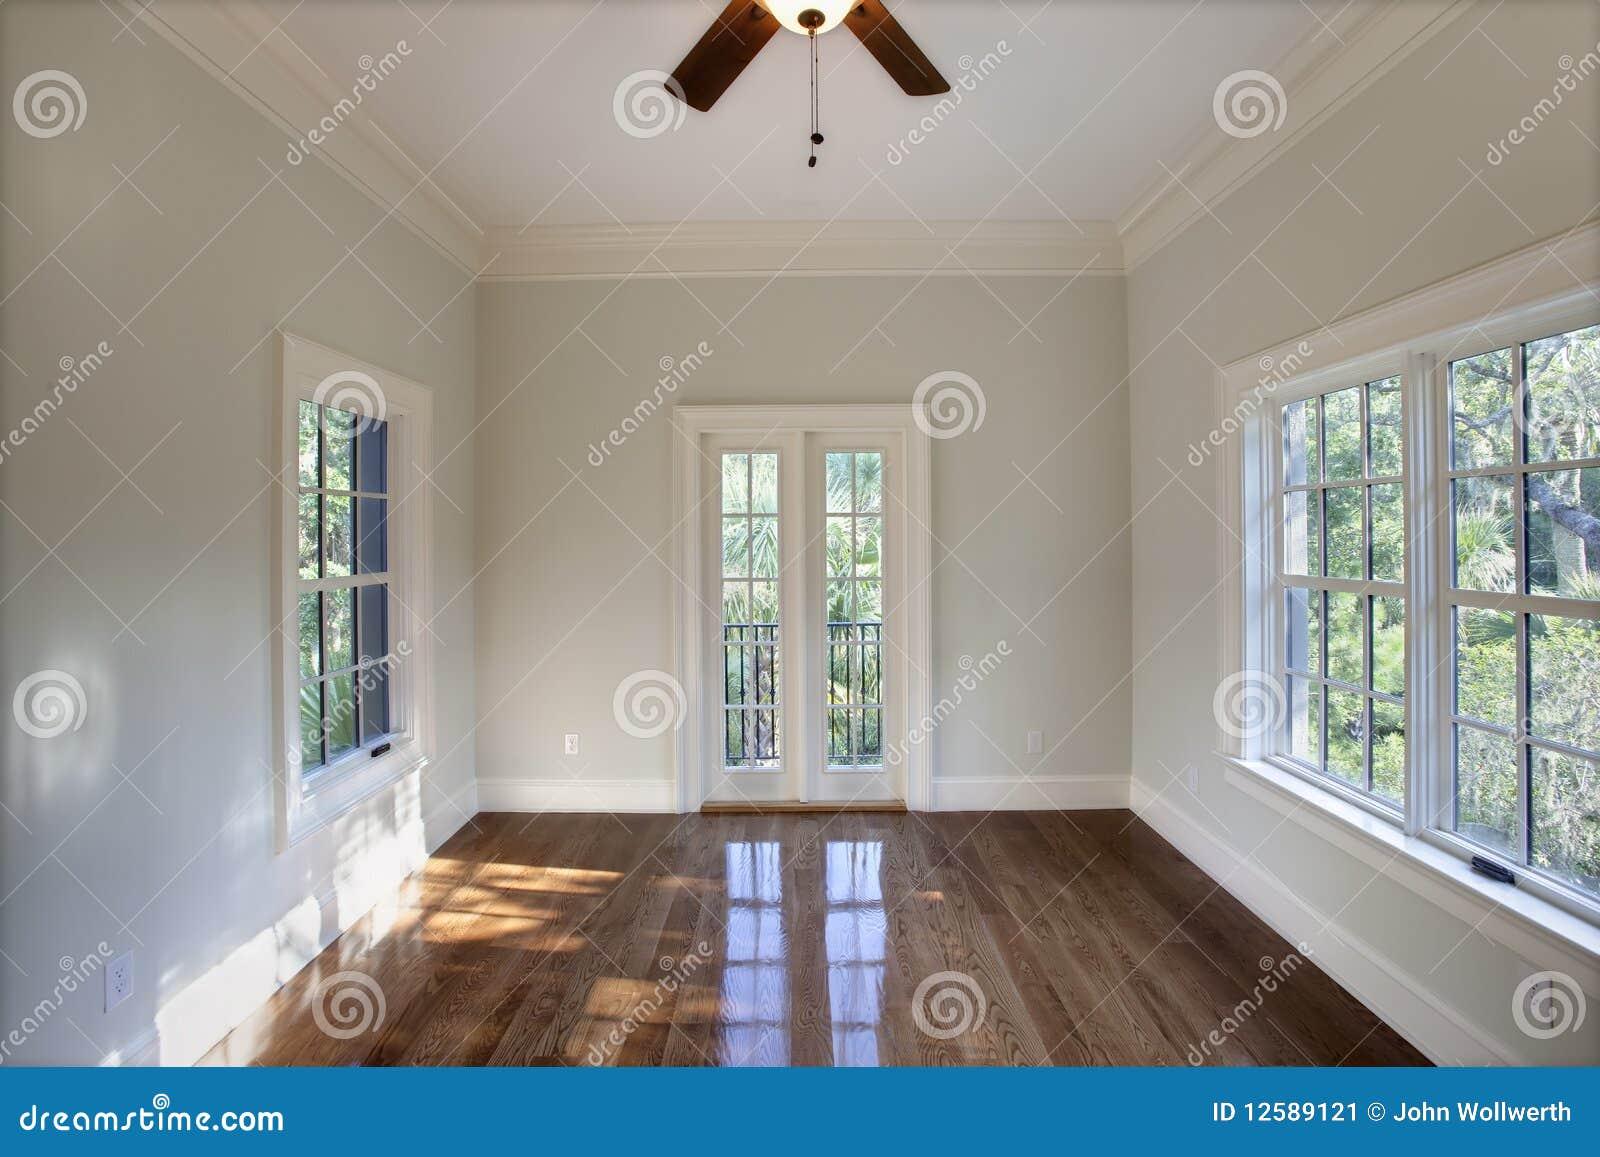 Leeres speisen oder schlafzimmer stockbild bild 12589121 for Leeres zimmer